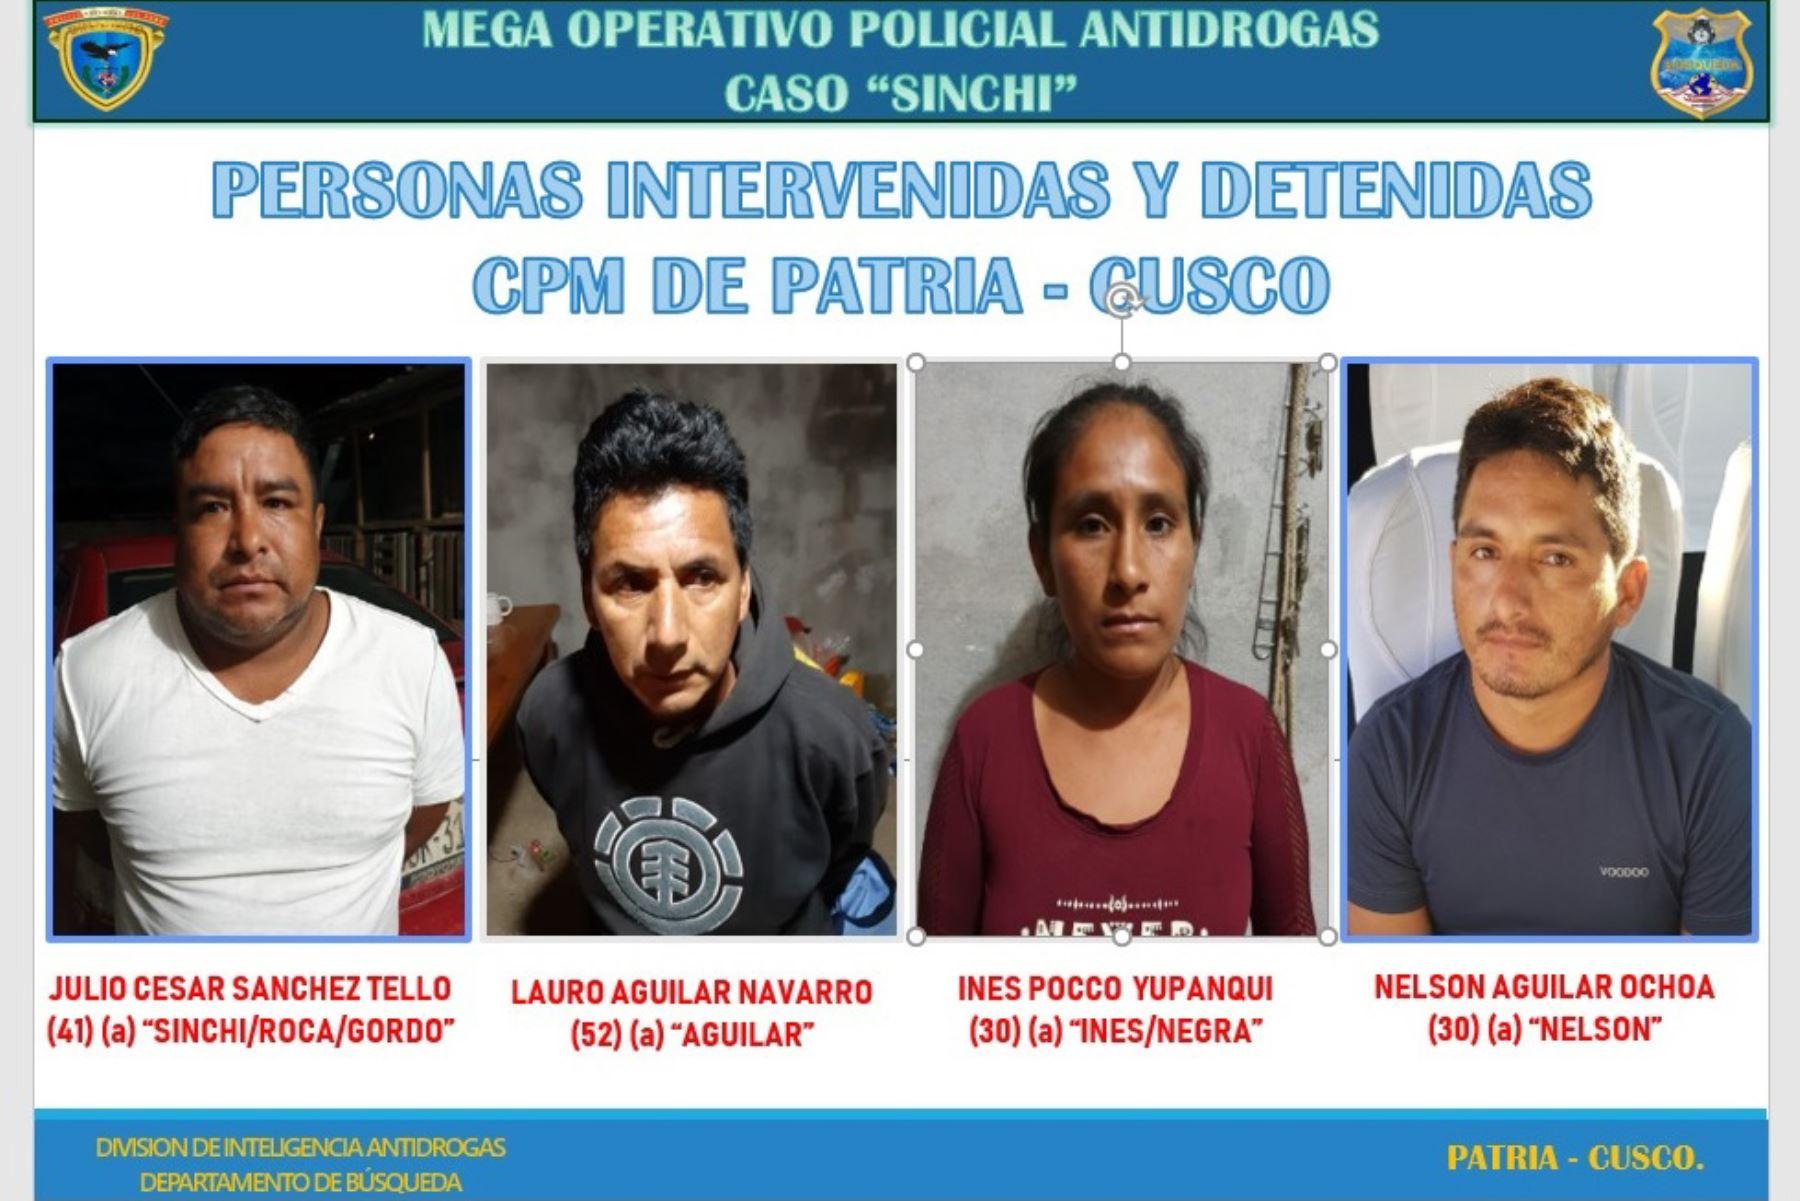 Policía captura a presuntos integrantes de banda de narcotraficantes en un operativo ejecutado en Cusco, Ayacucho y Madre de Dios. ANDINA/Difusión